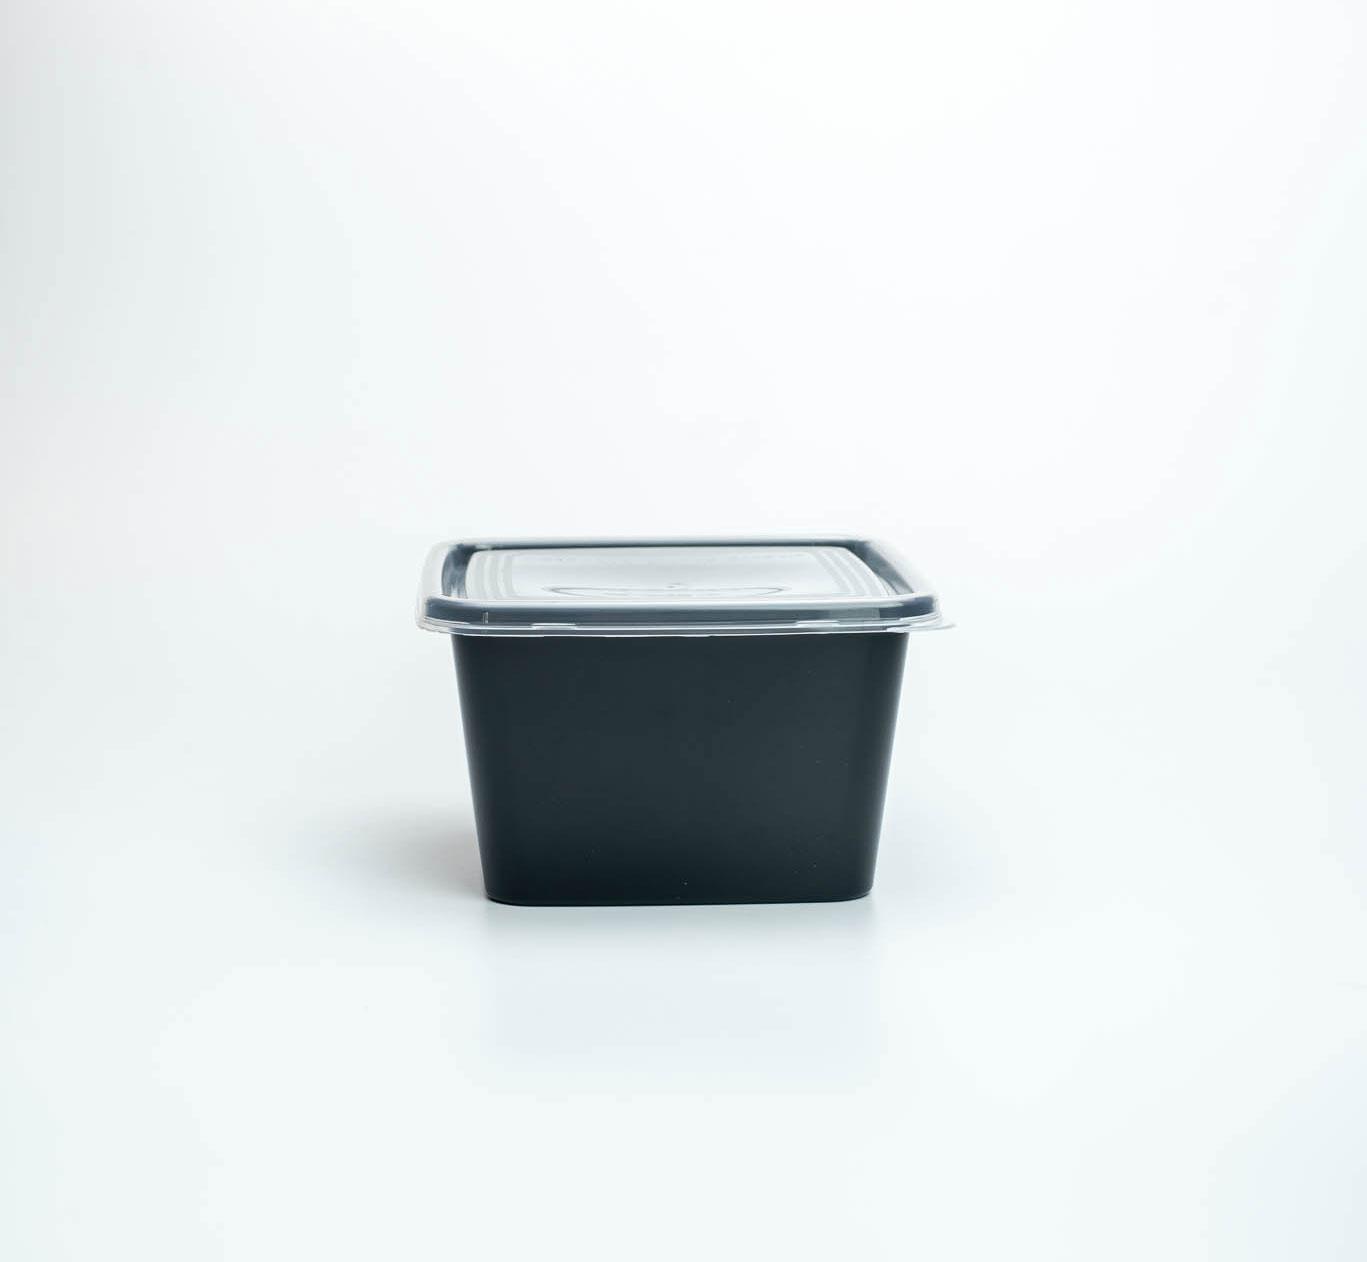 กล่องอาหารพลาสติก premium 650ml ทรงจัตุรัส